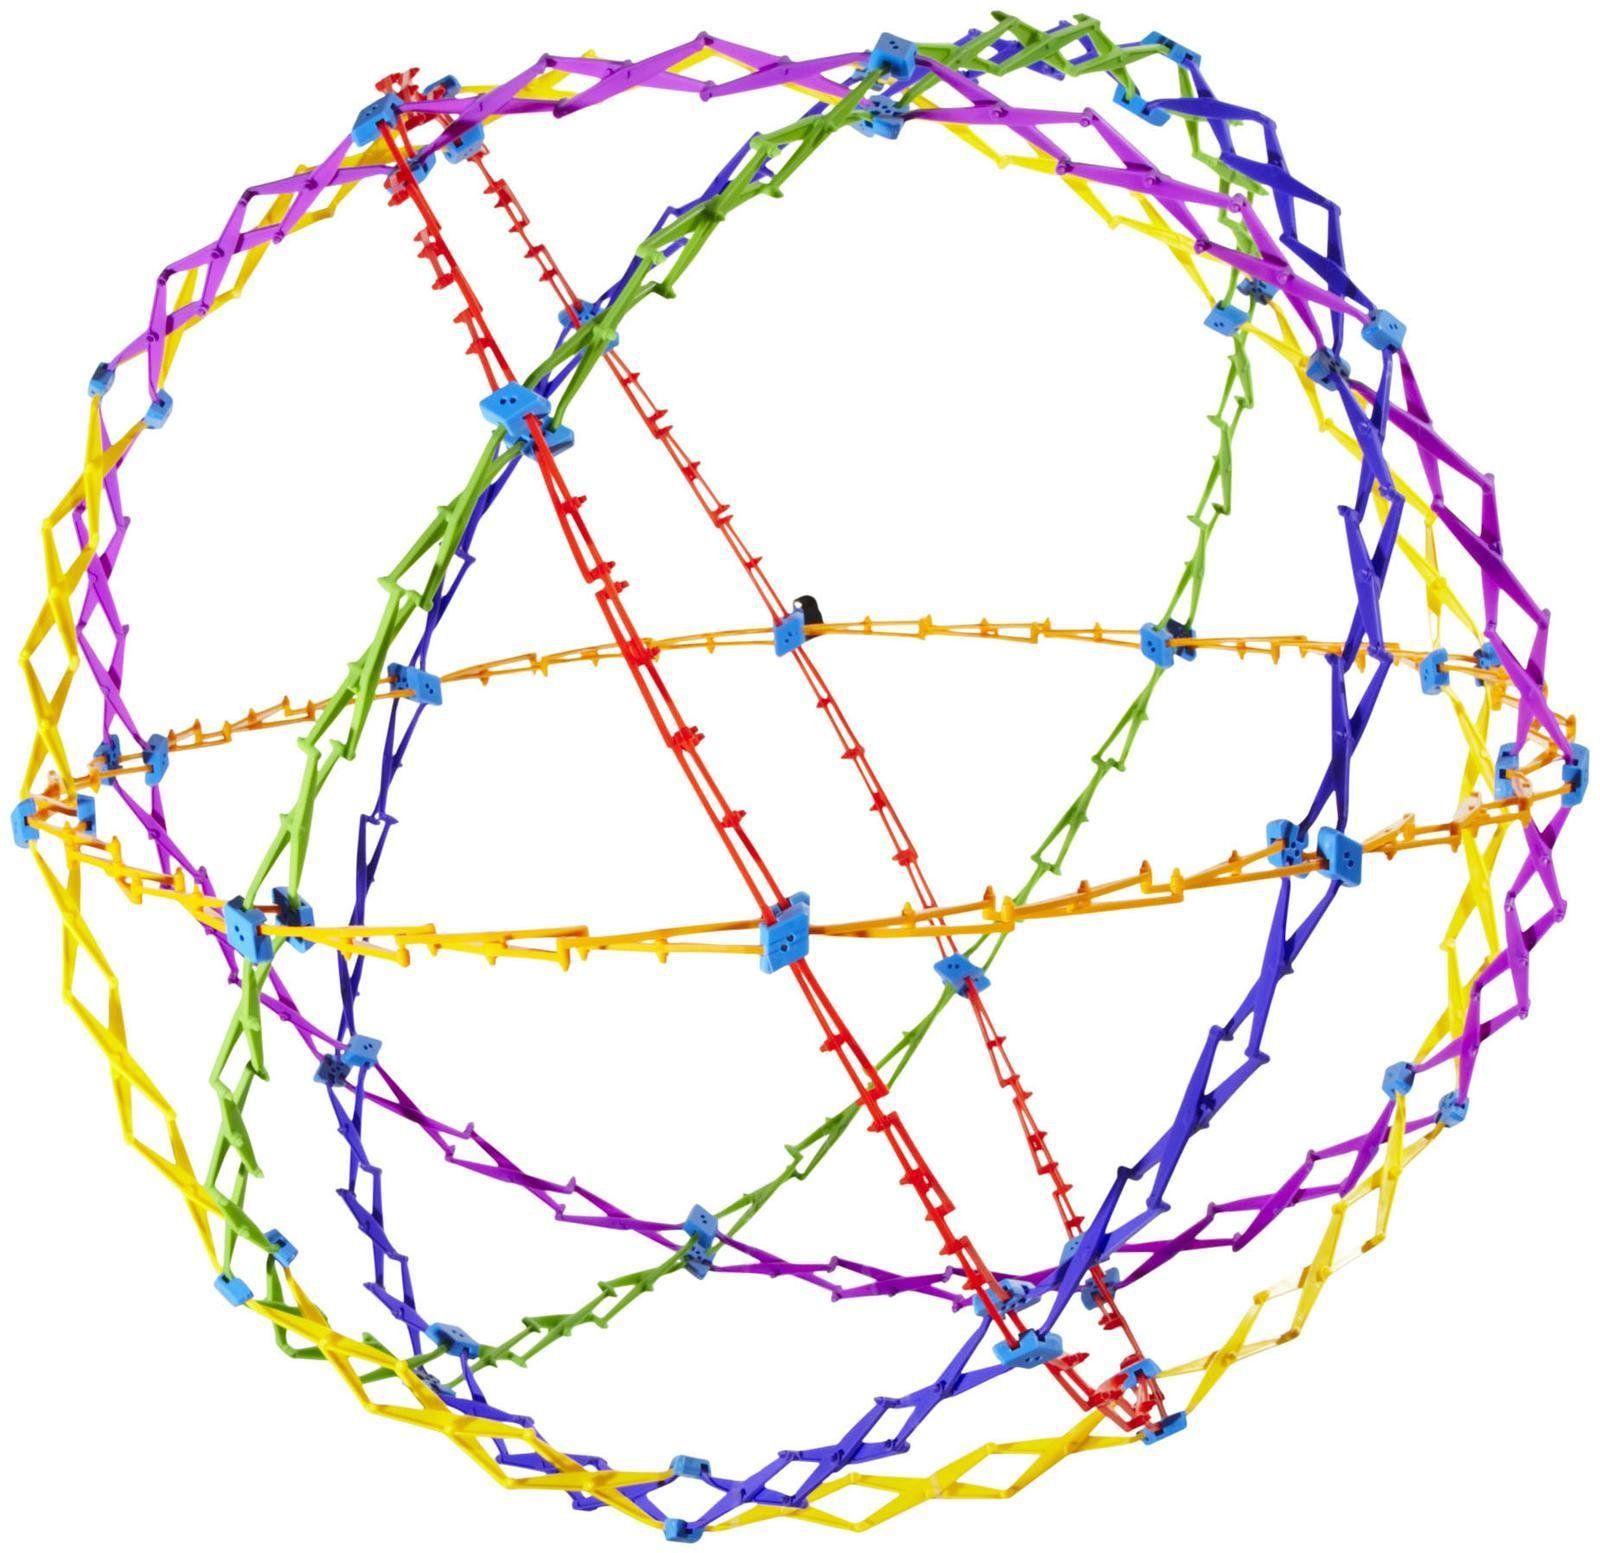 Hoberman Sphere by Hoberman Designs